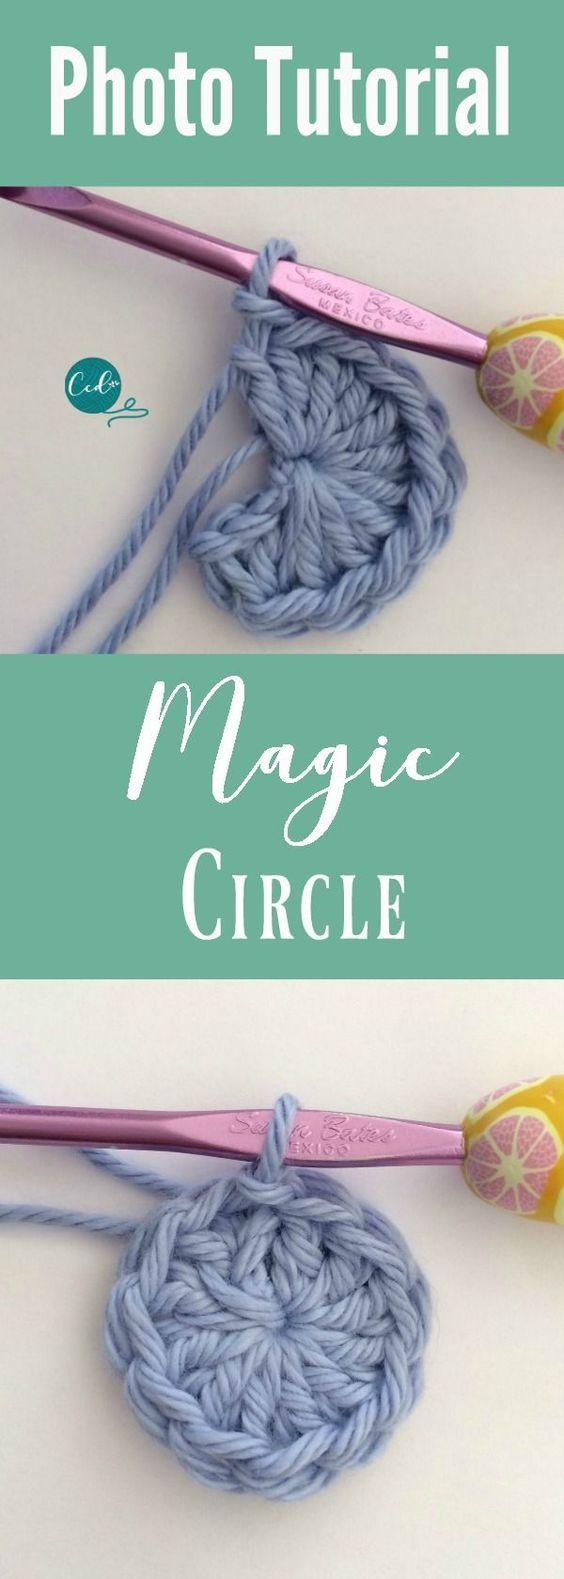 Tutorial de foto de círculo mágico de crochê